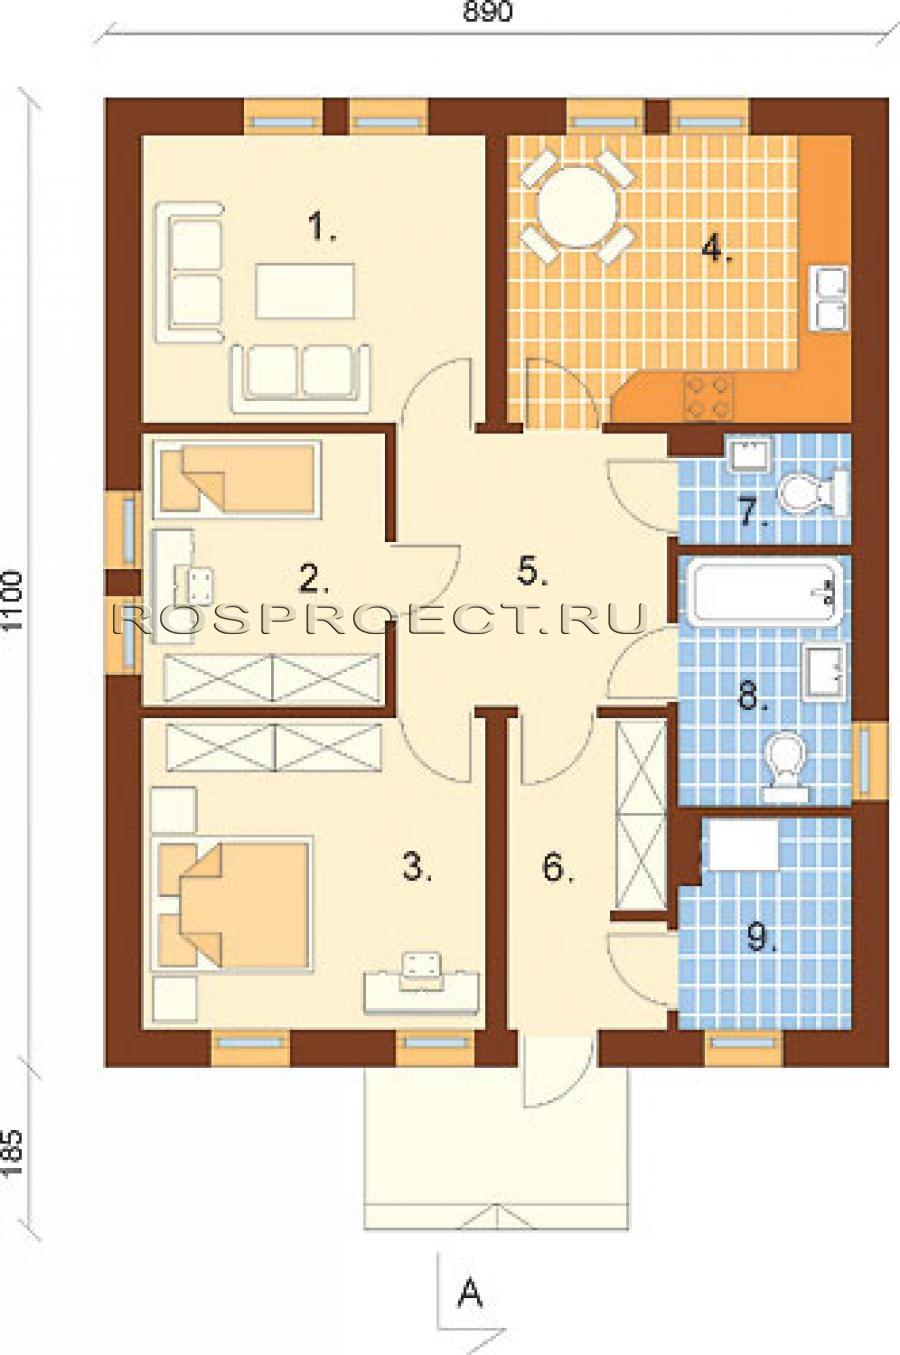 Дом 8 на 10 планировка одноэтажного дома фото 4